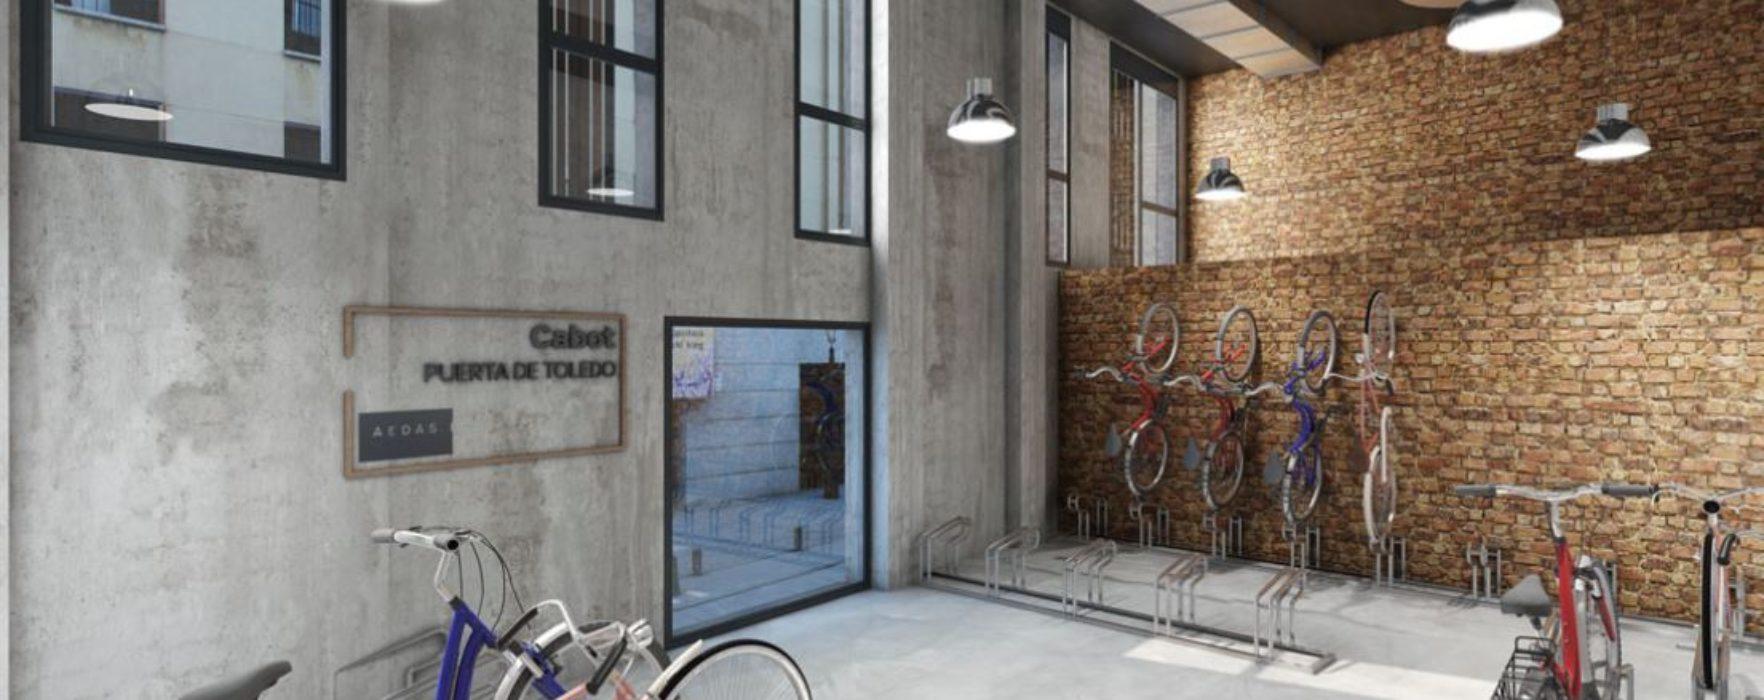 Cabot tu casa de obra nueva en madrid a un paso del centro - Casa obra nueva ...